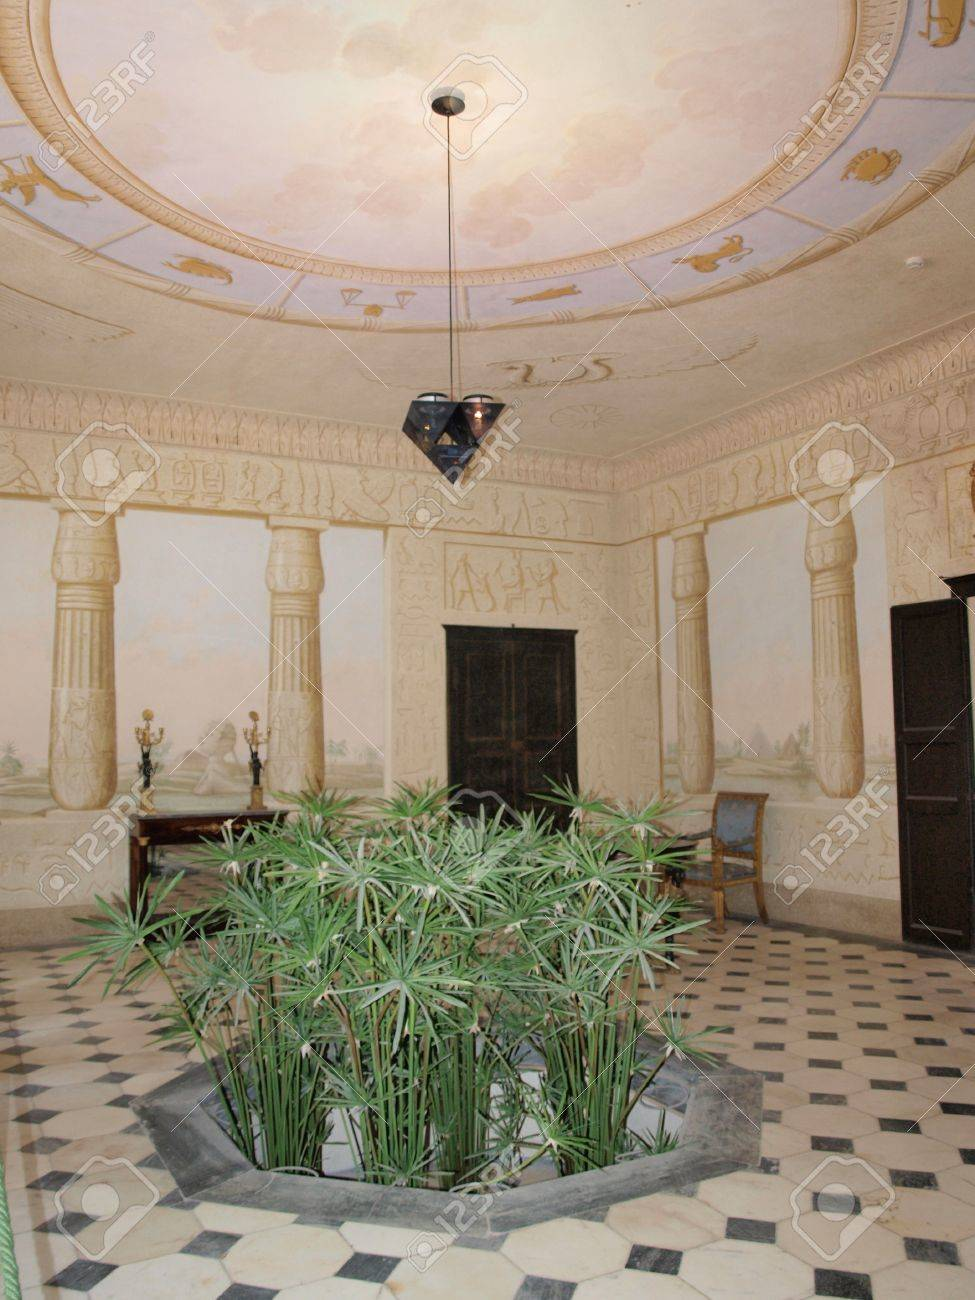 The Egyptian Room At Villa San Martino, Napoleon Bonapartes Private ...